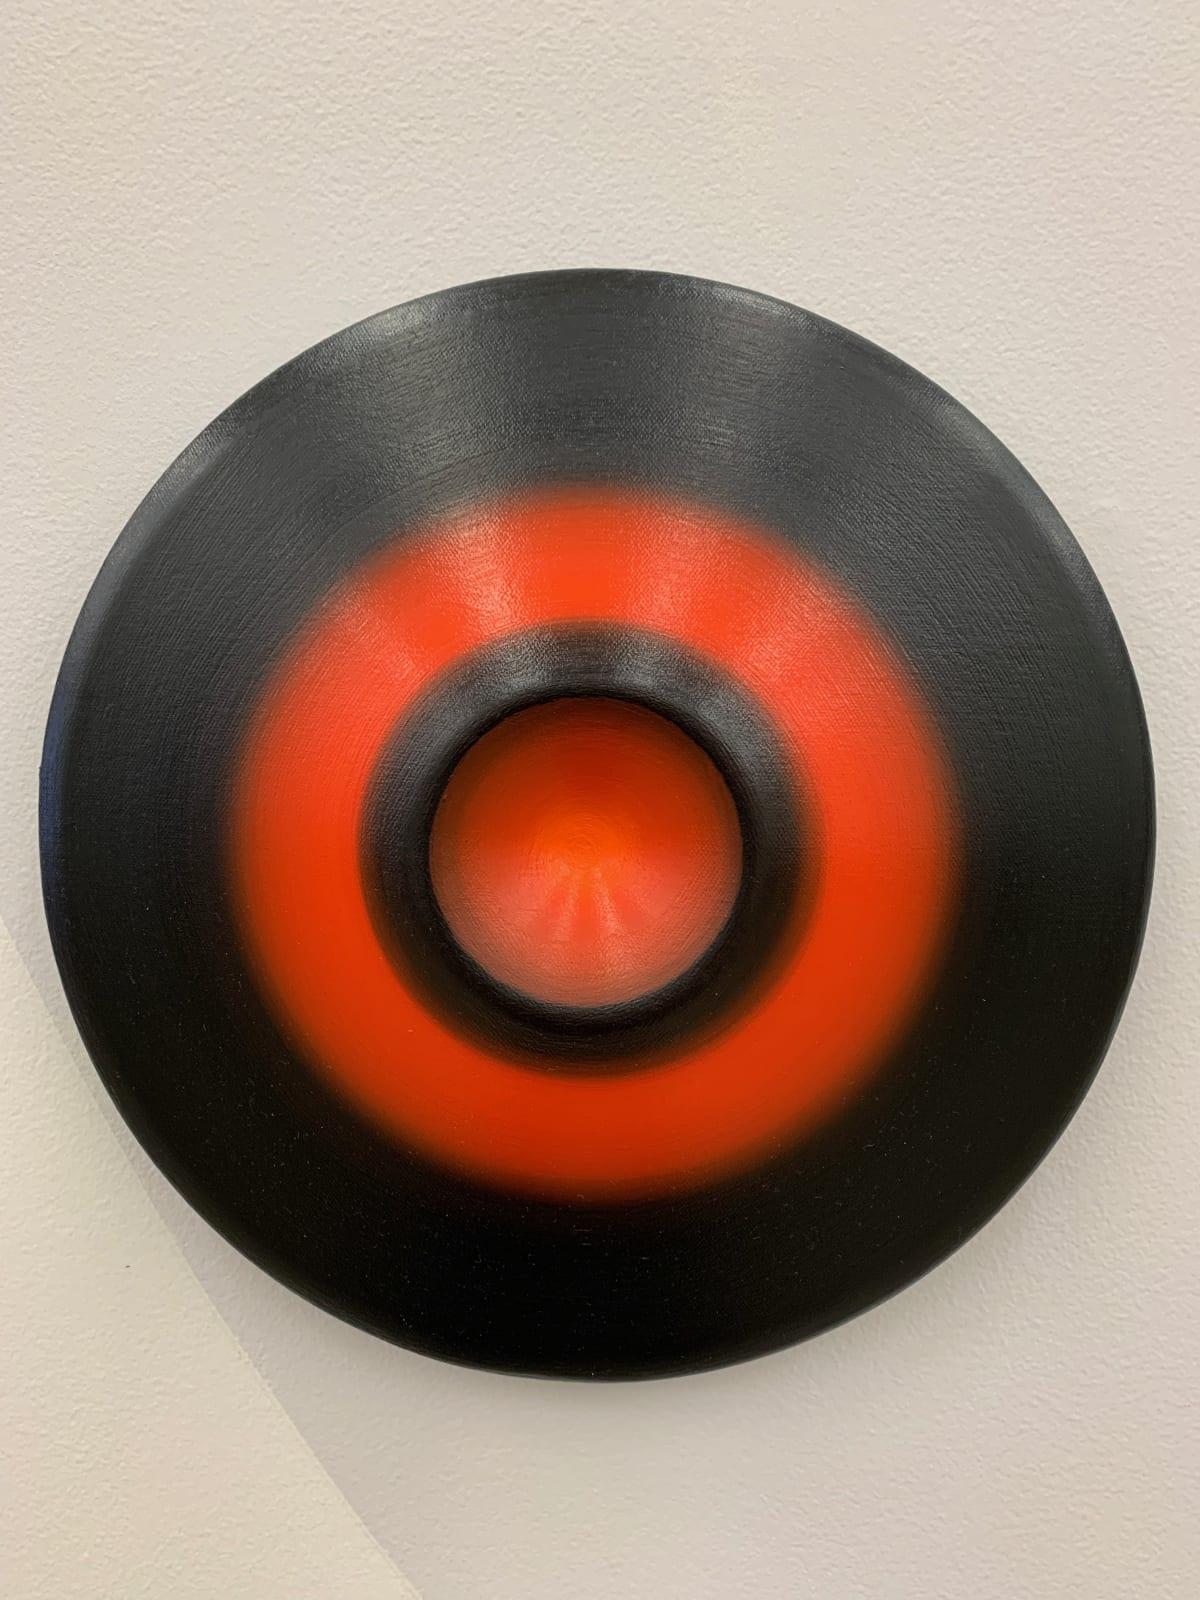 Marion Borgelt Luminous Void: Piece No 11, 2019 oil, canvas, timber, 3D element 30cm ø x 5.5cm